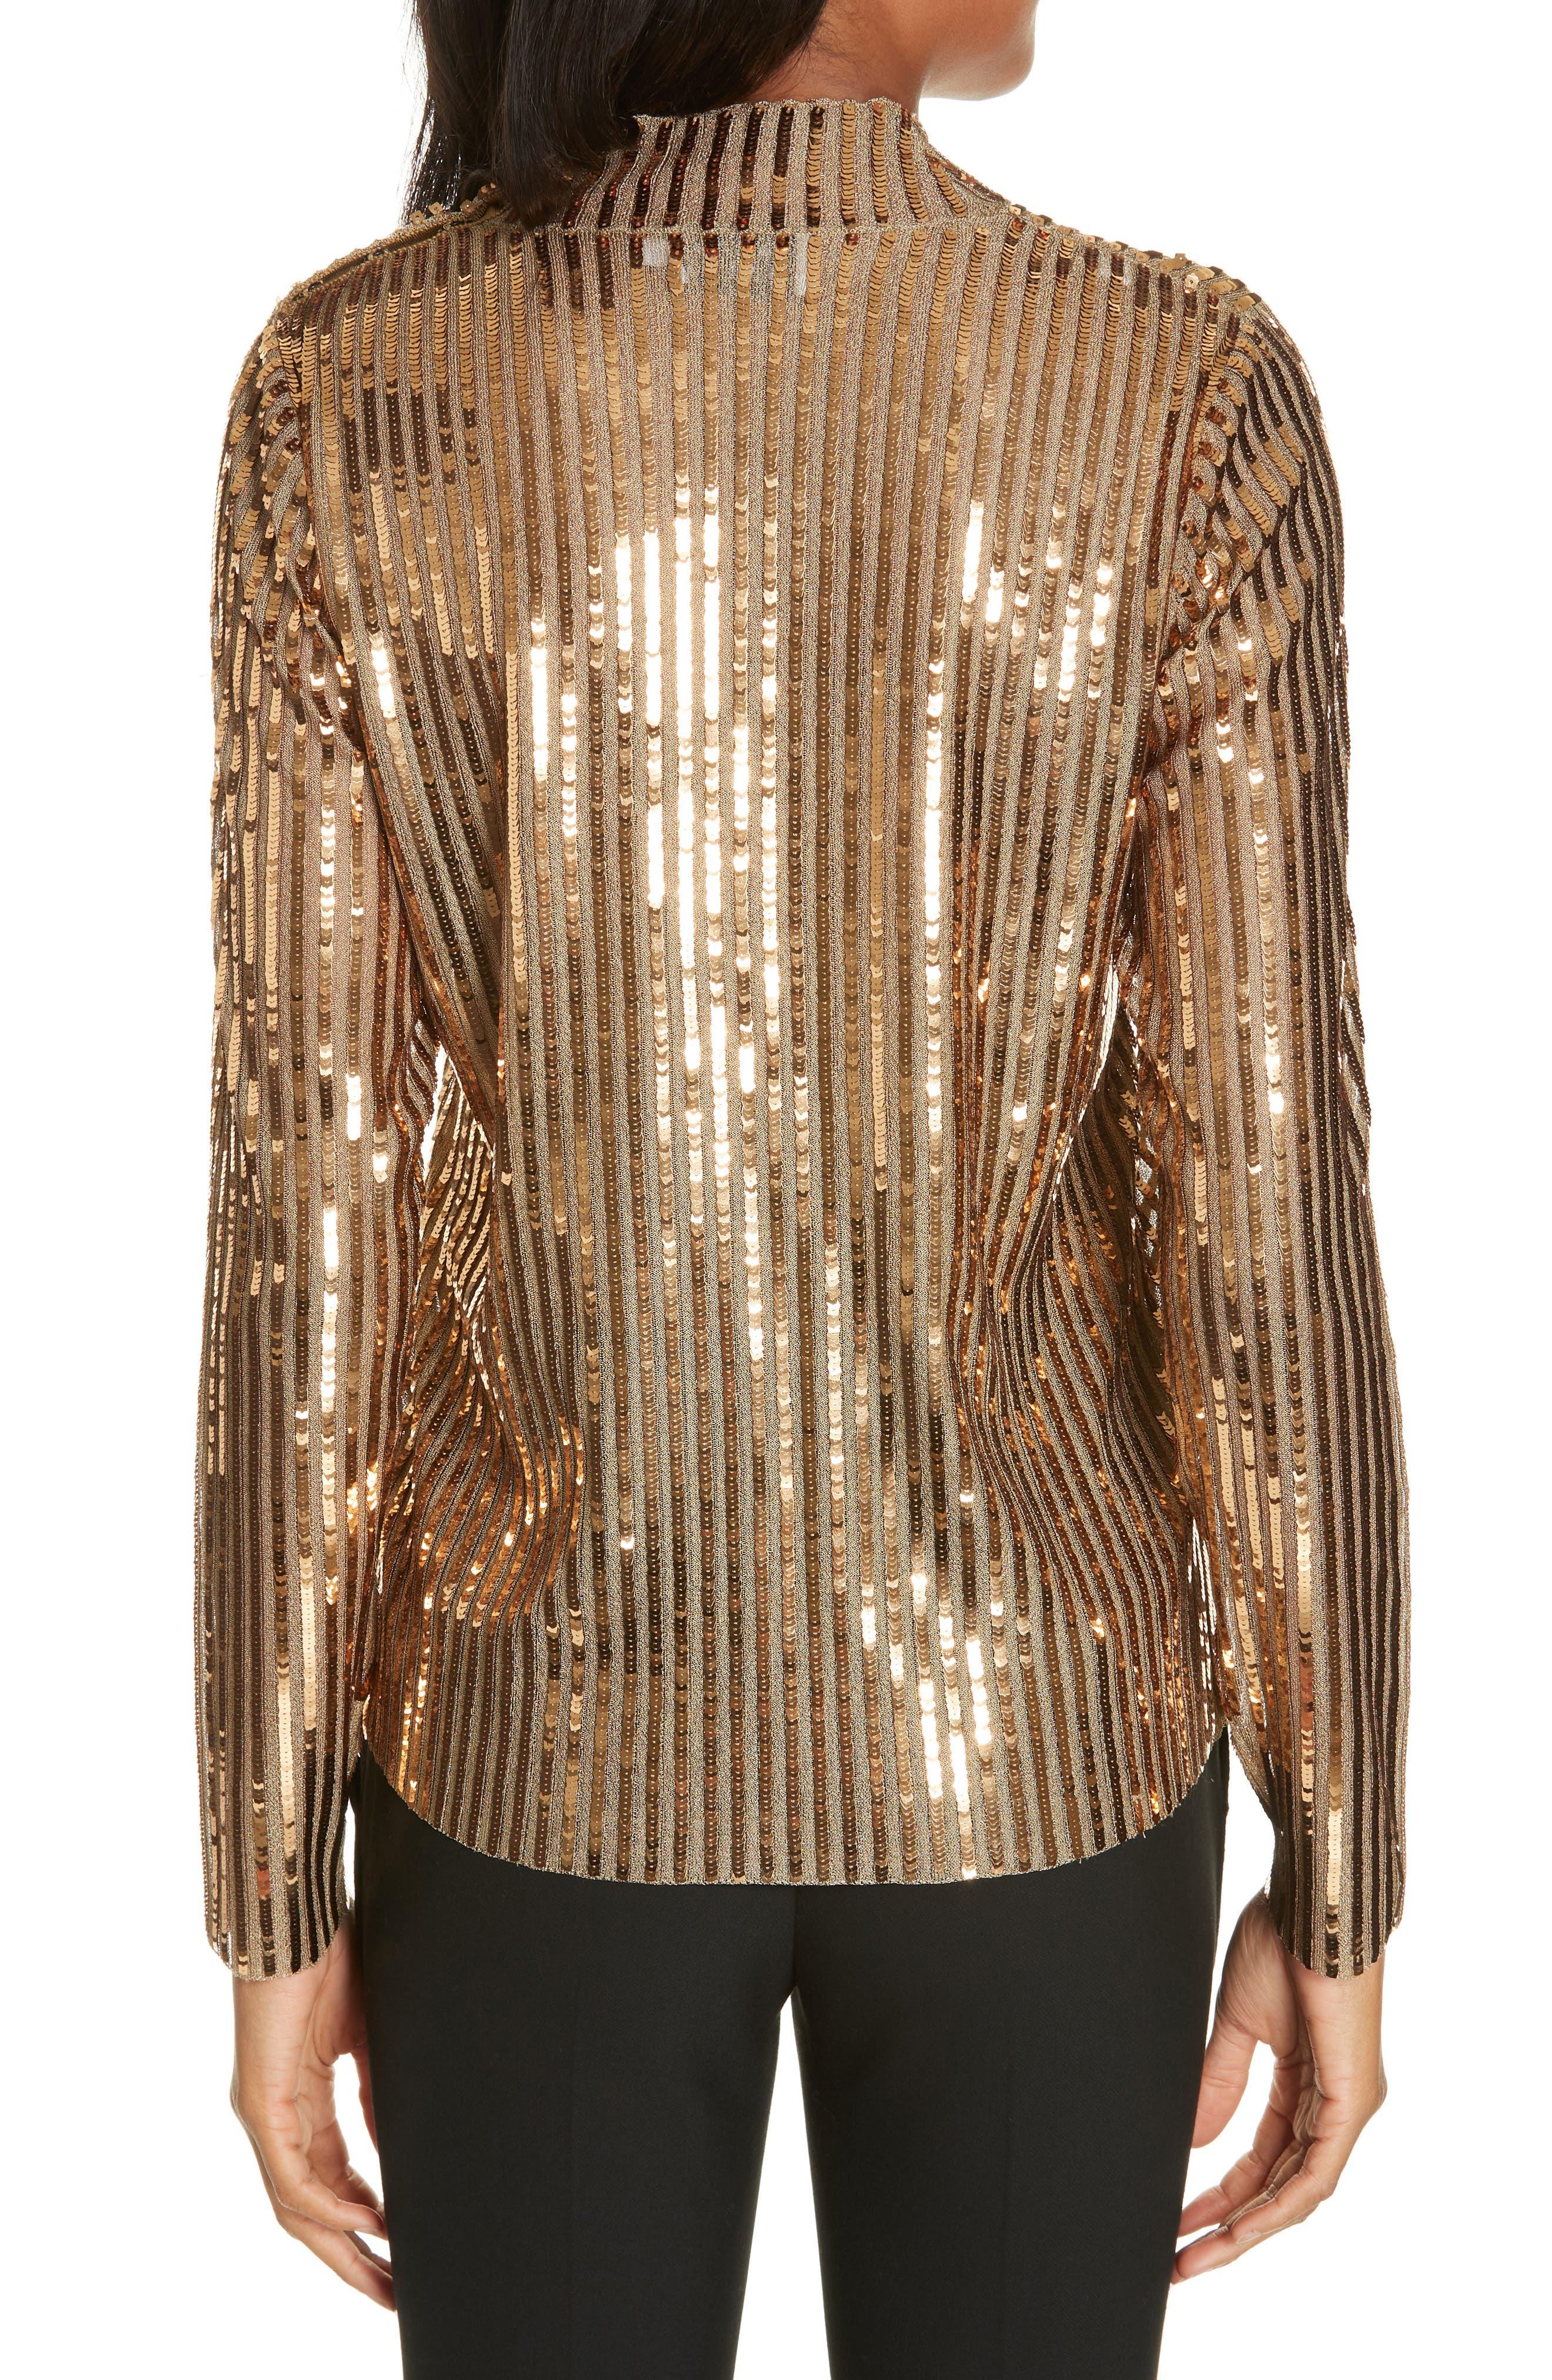 Grace Gold Sequins Top,                             Alternate thumbnail 2, color,                             GOLD